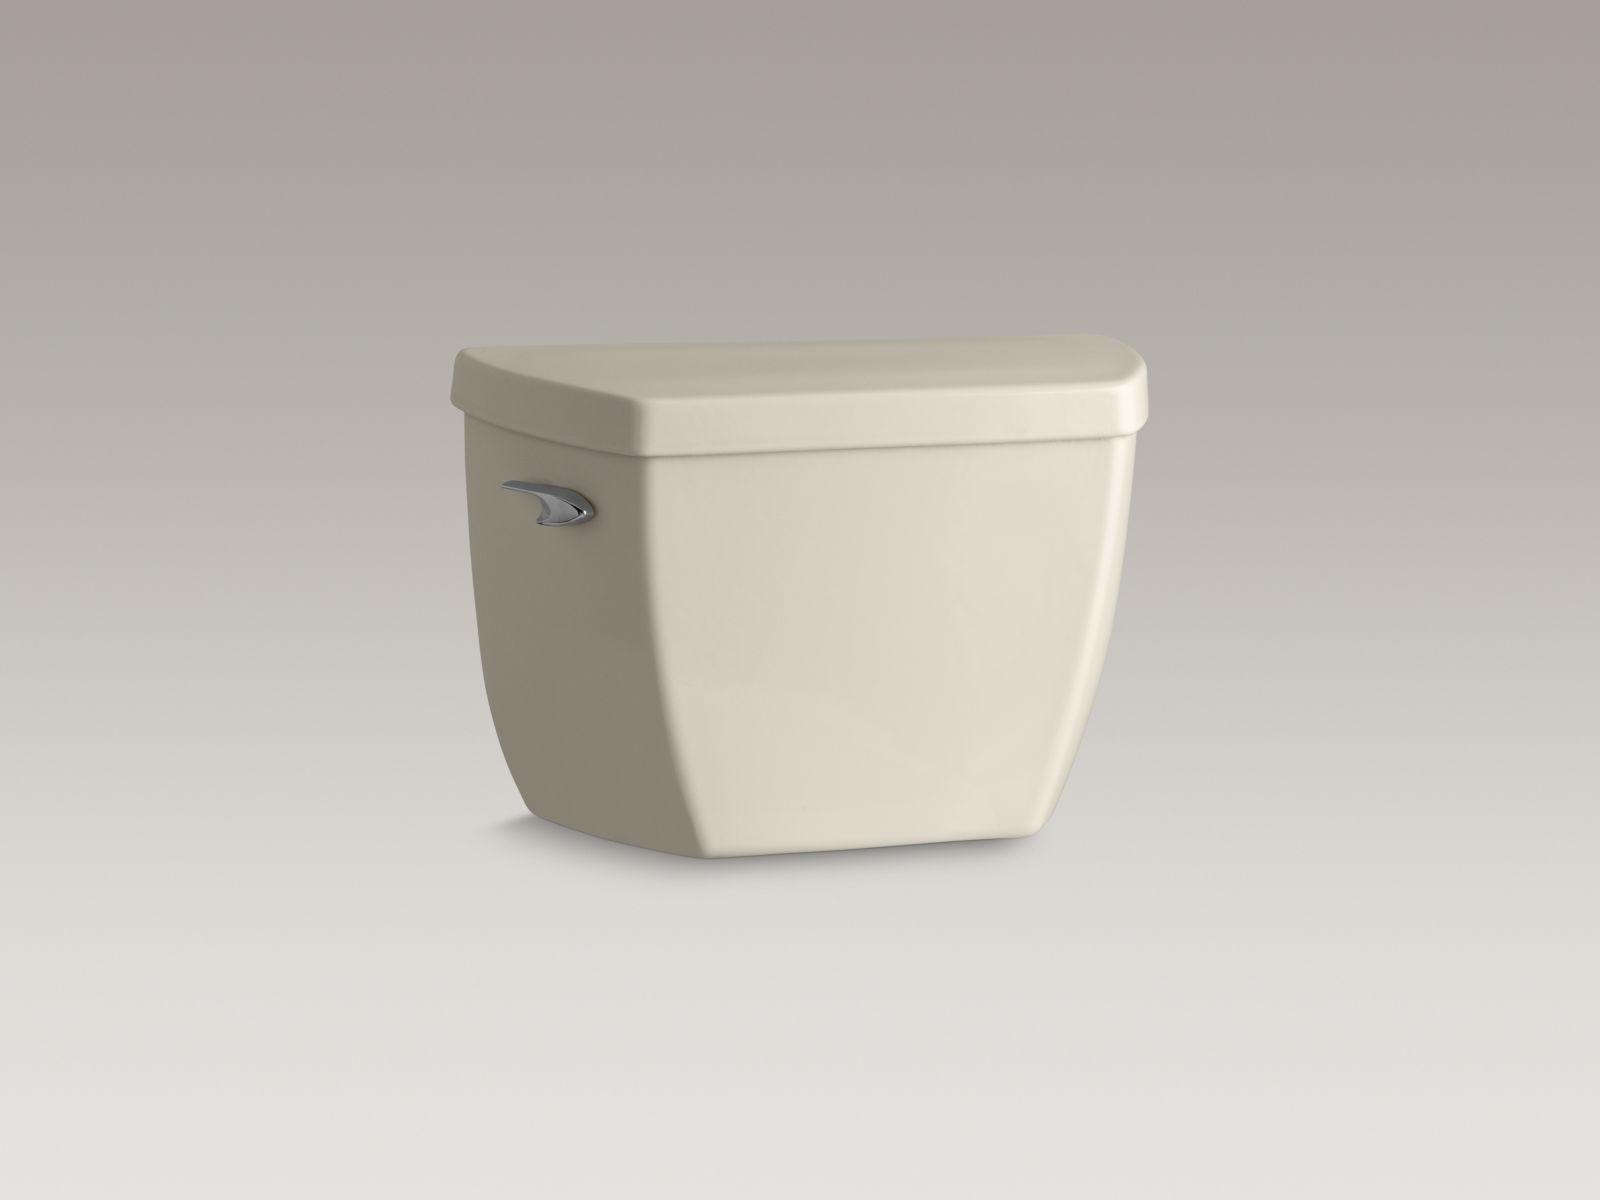 Kohler K-4645-47 Highline Classic 1.6 GPF Pressure Lite Toilet Tank with Left-hand Trip Lever Almond